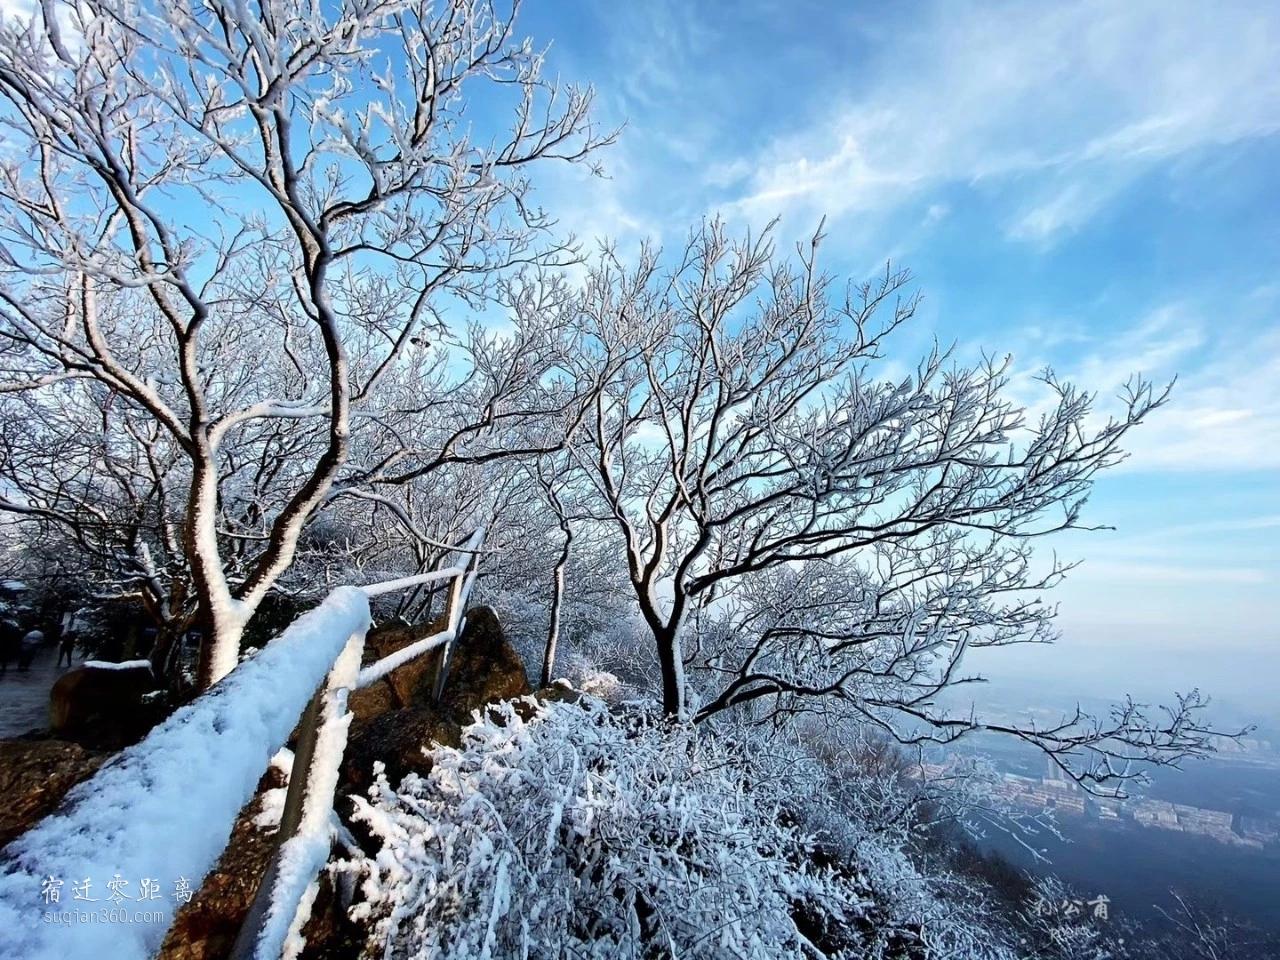 雪后紫金山,期待新宝5下载app手机下载的第一场雪